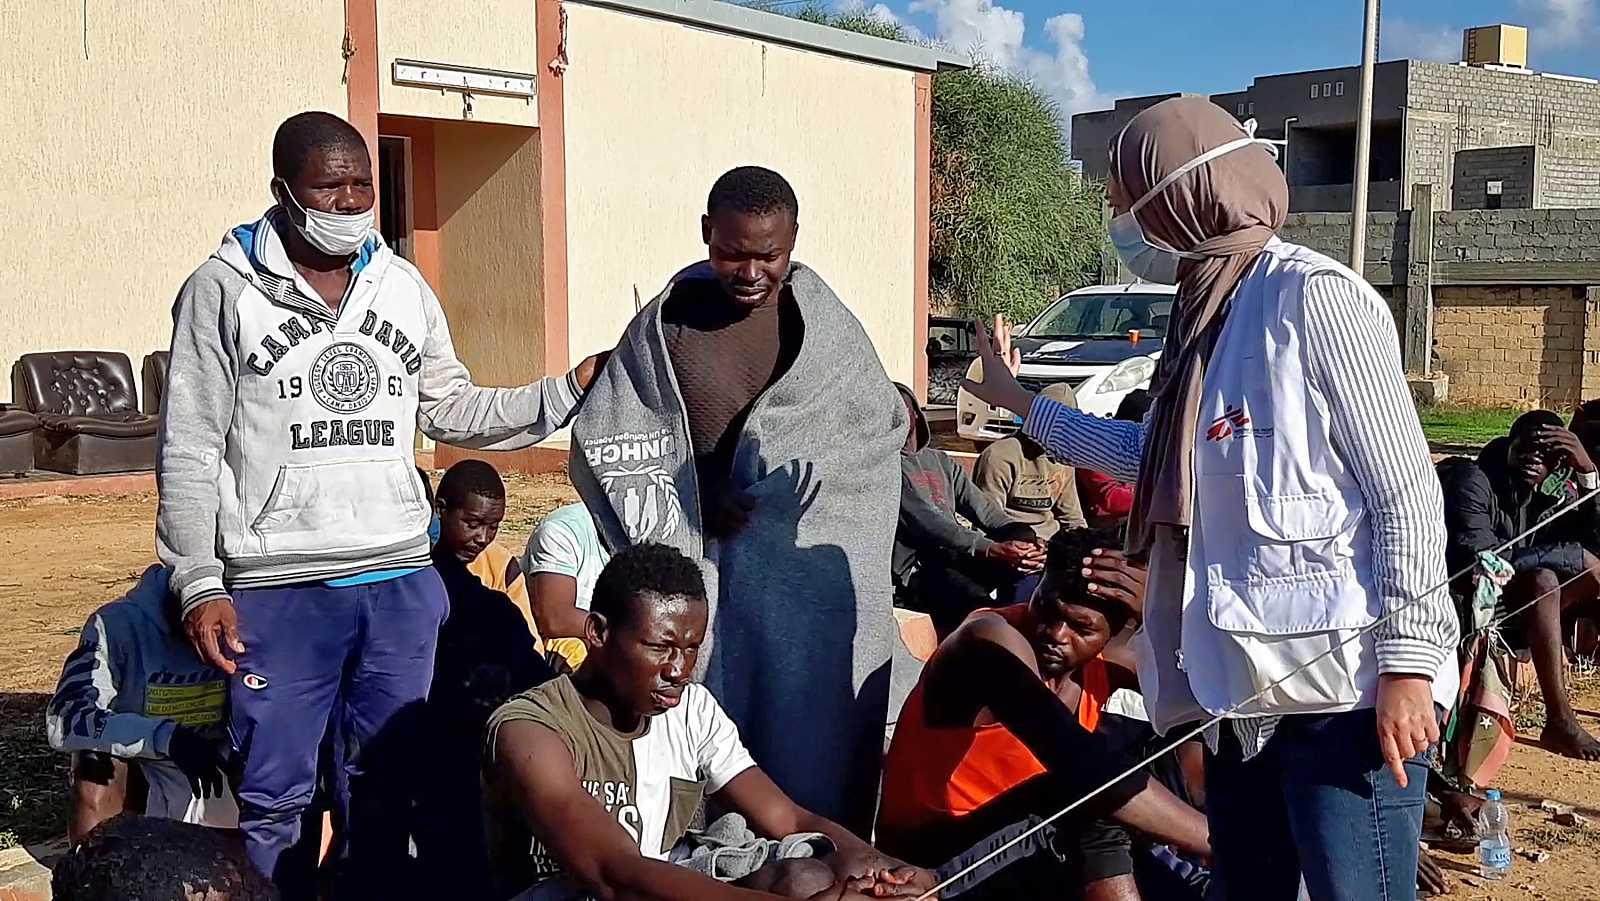 Los migrantes, que sobrevivieron a un naufragio mortal, se reúnen en una playa de arena en la costa de al-Khums, una ciudad portuaria a 120 kilómetros (75 millas) al oeste de la capital libia, Trípoli